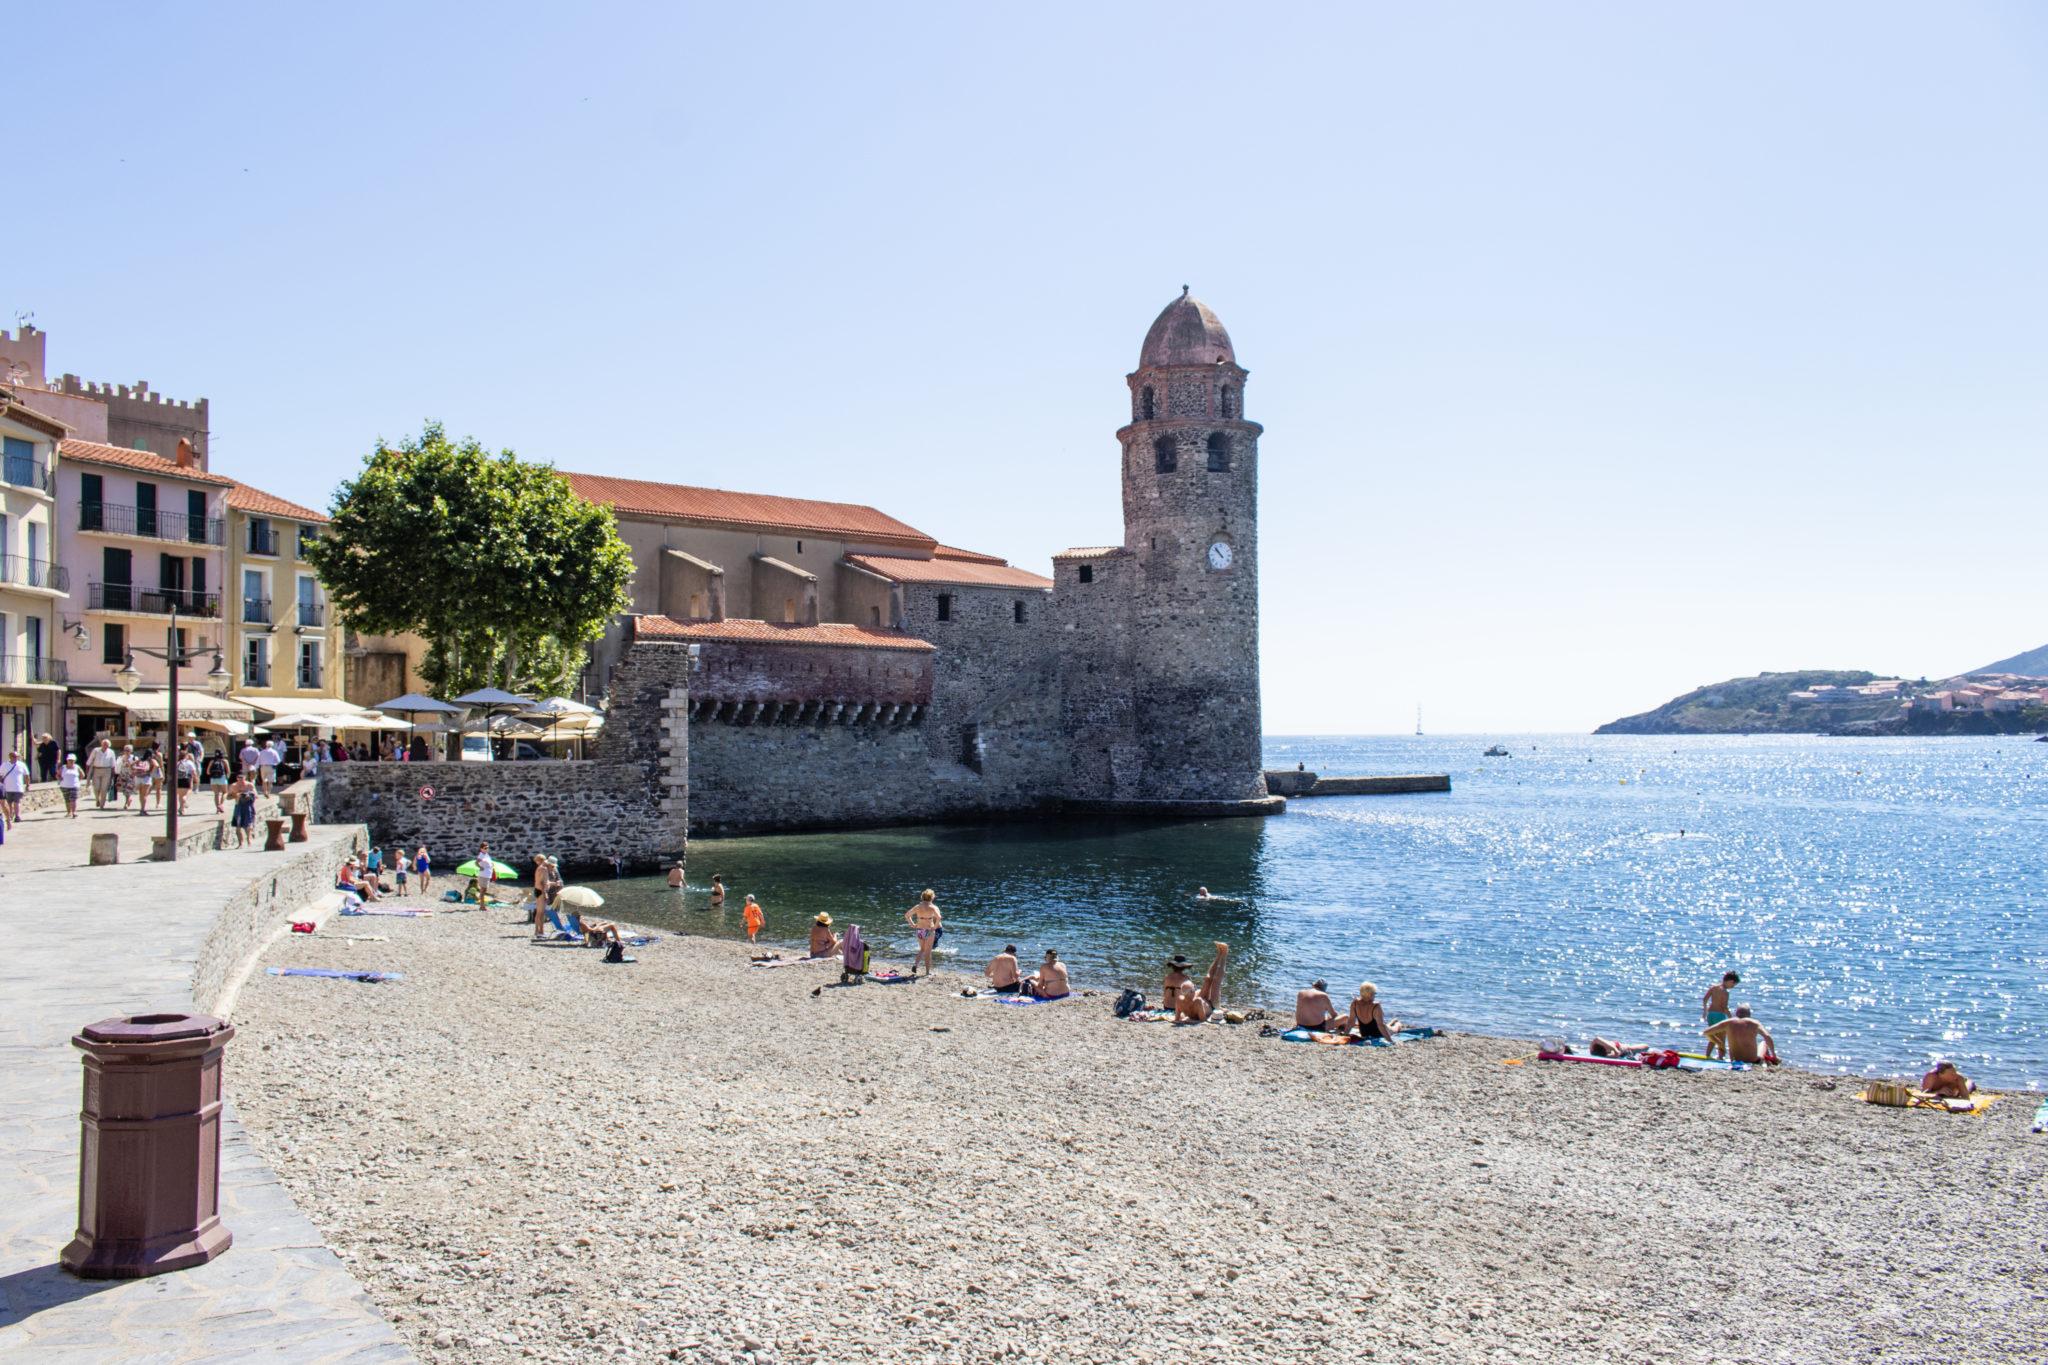 Une journée parfaite à la découverte de Collioure dans les Pyrénées orientales